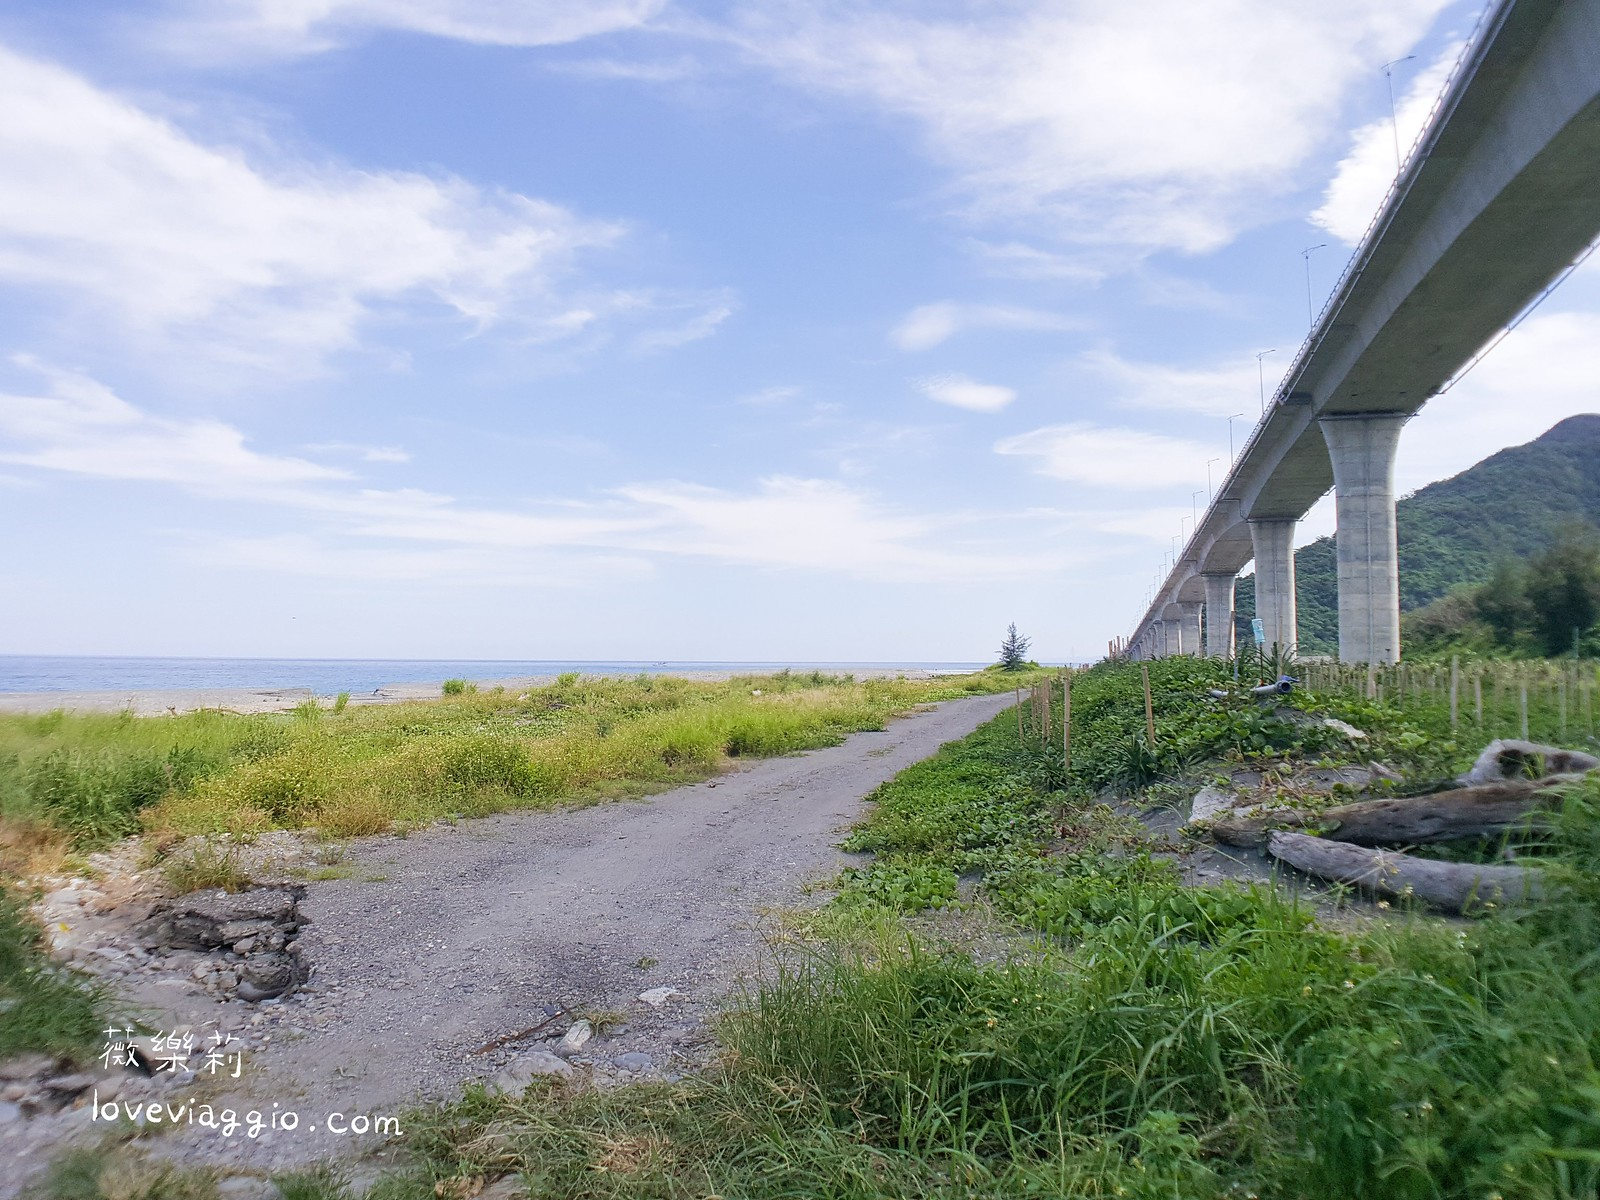 墾丁金崙小旅行|PoProro 4K 手機廣角鏡頭 輕鬆拍出質感旅行照片 @薇樂莉 Love Viaggio | 旅行.生活.攝影